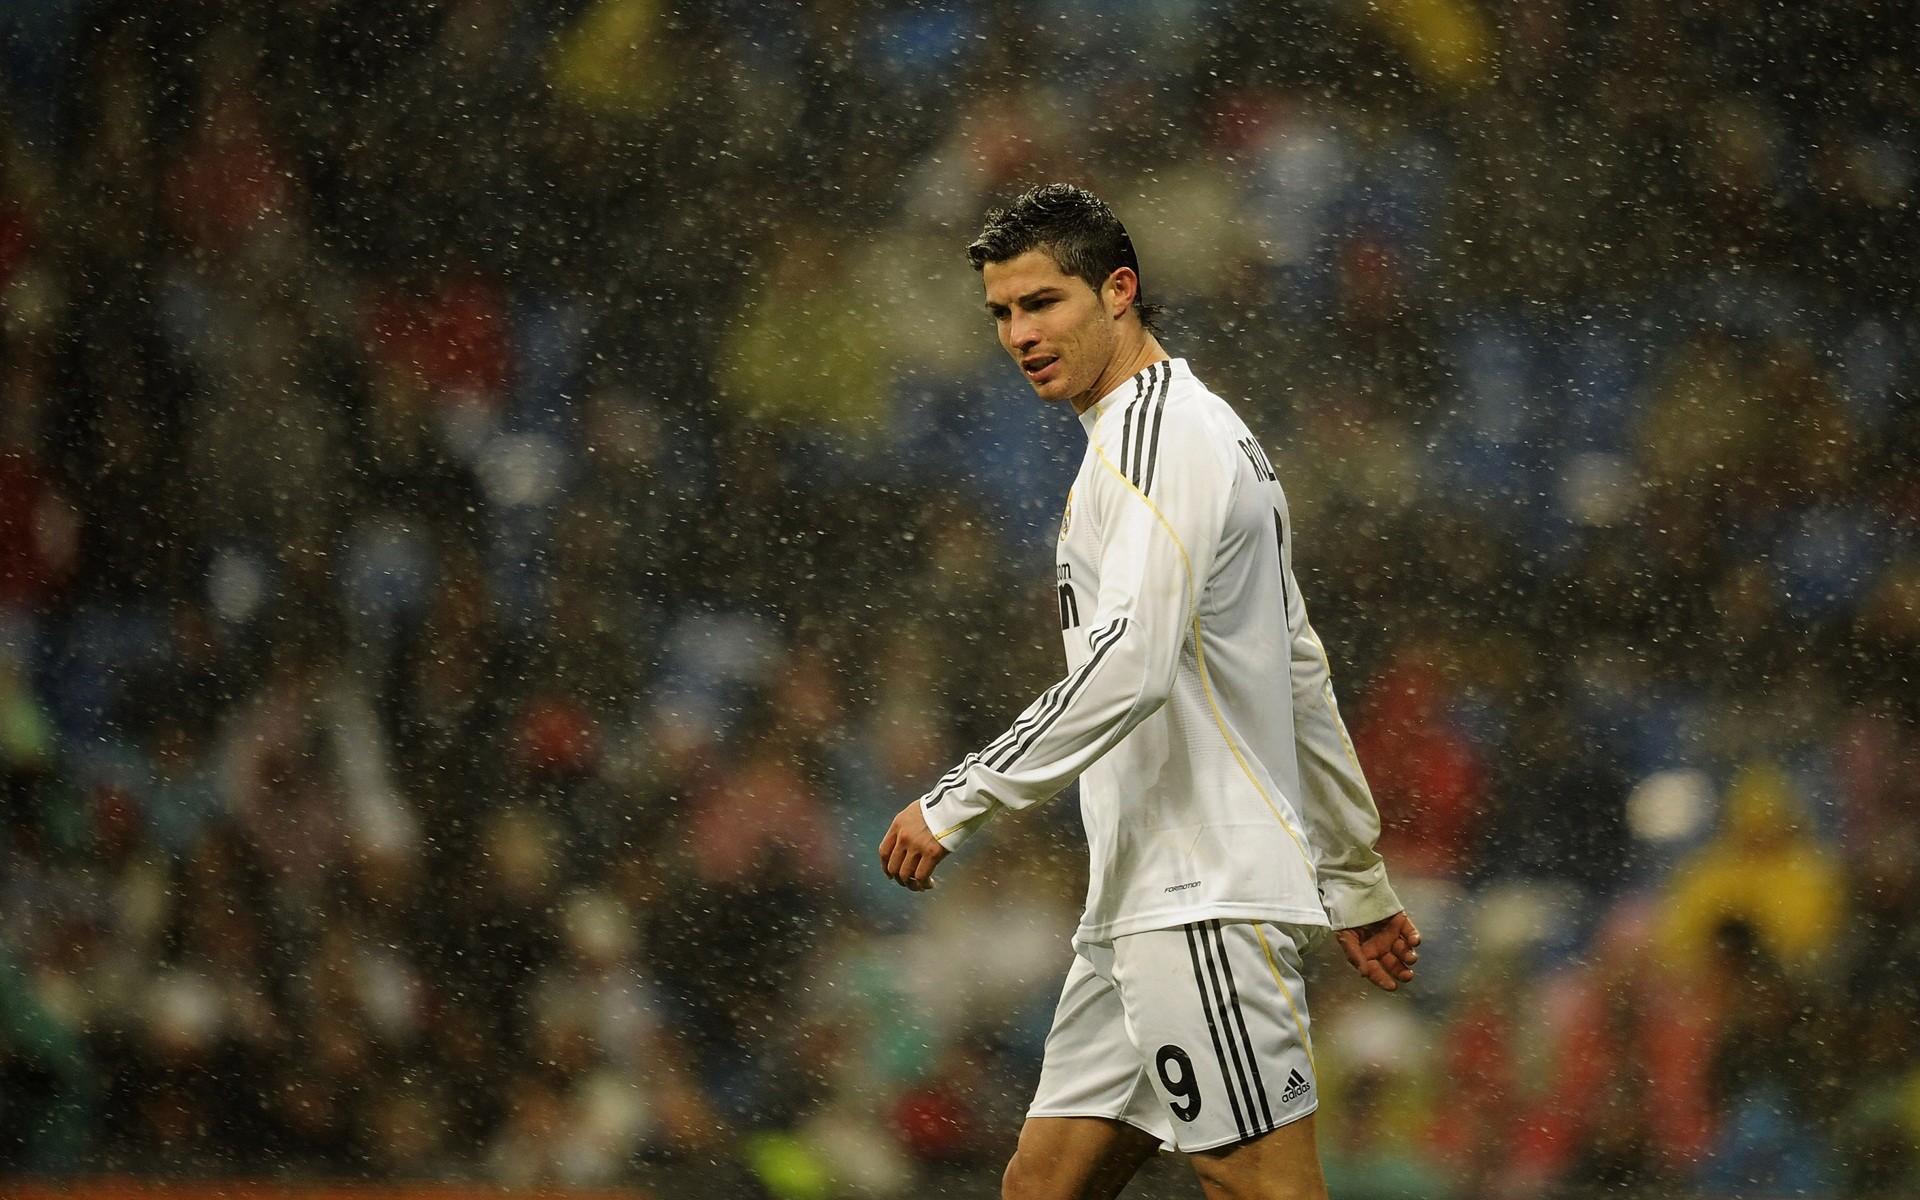 Cristiano Ronaldo Wallpaper Full HD